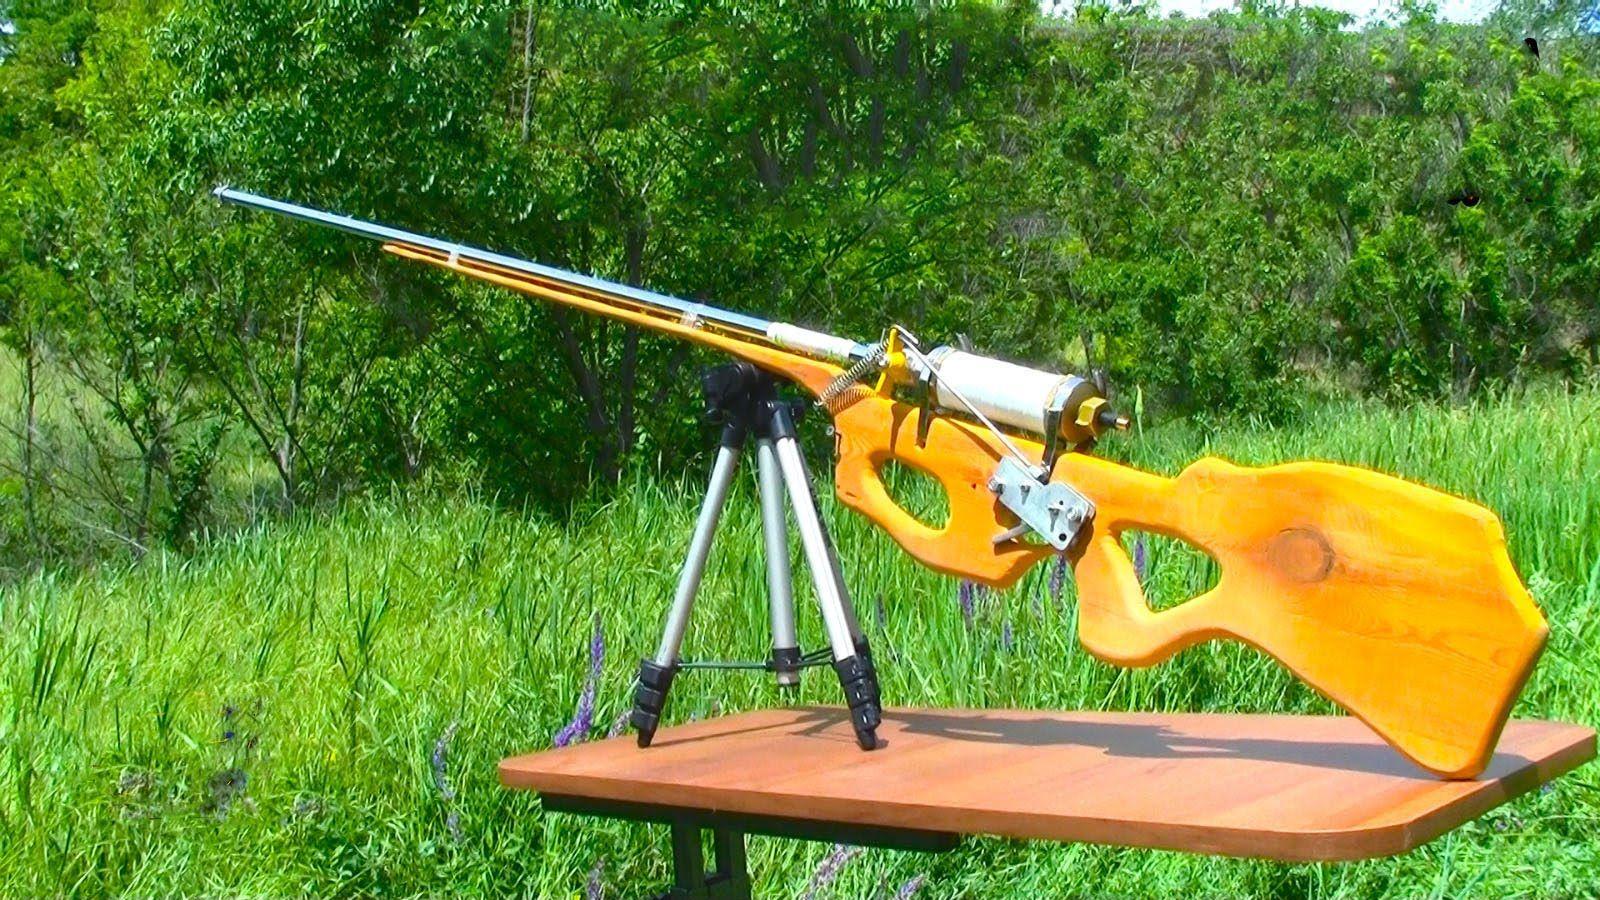 Video) - Homemade pneumatic air-gun | EMMERGENCY PREPAREDNESS | Guns